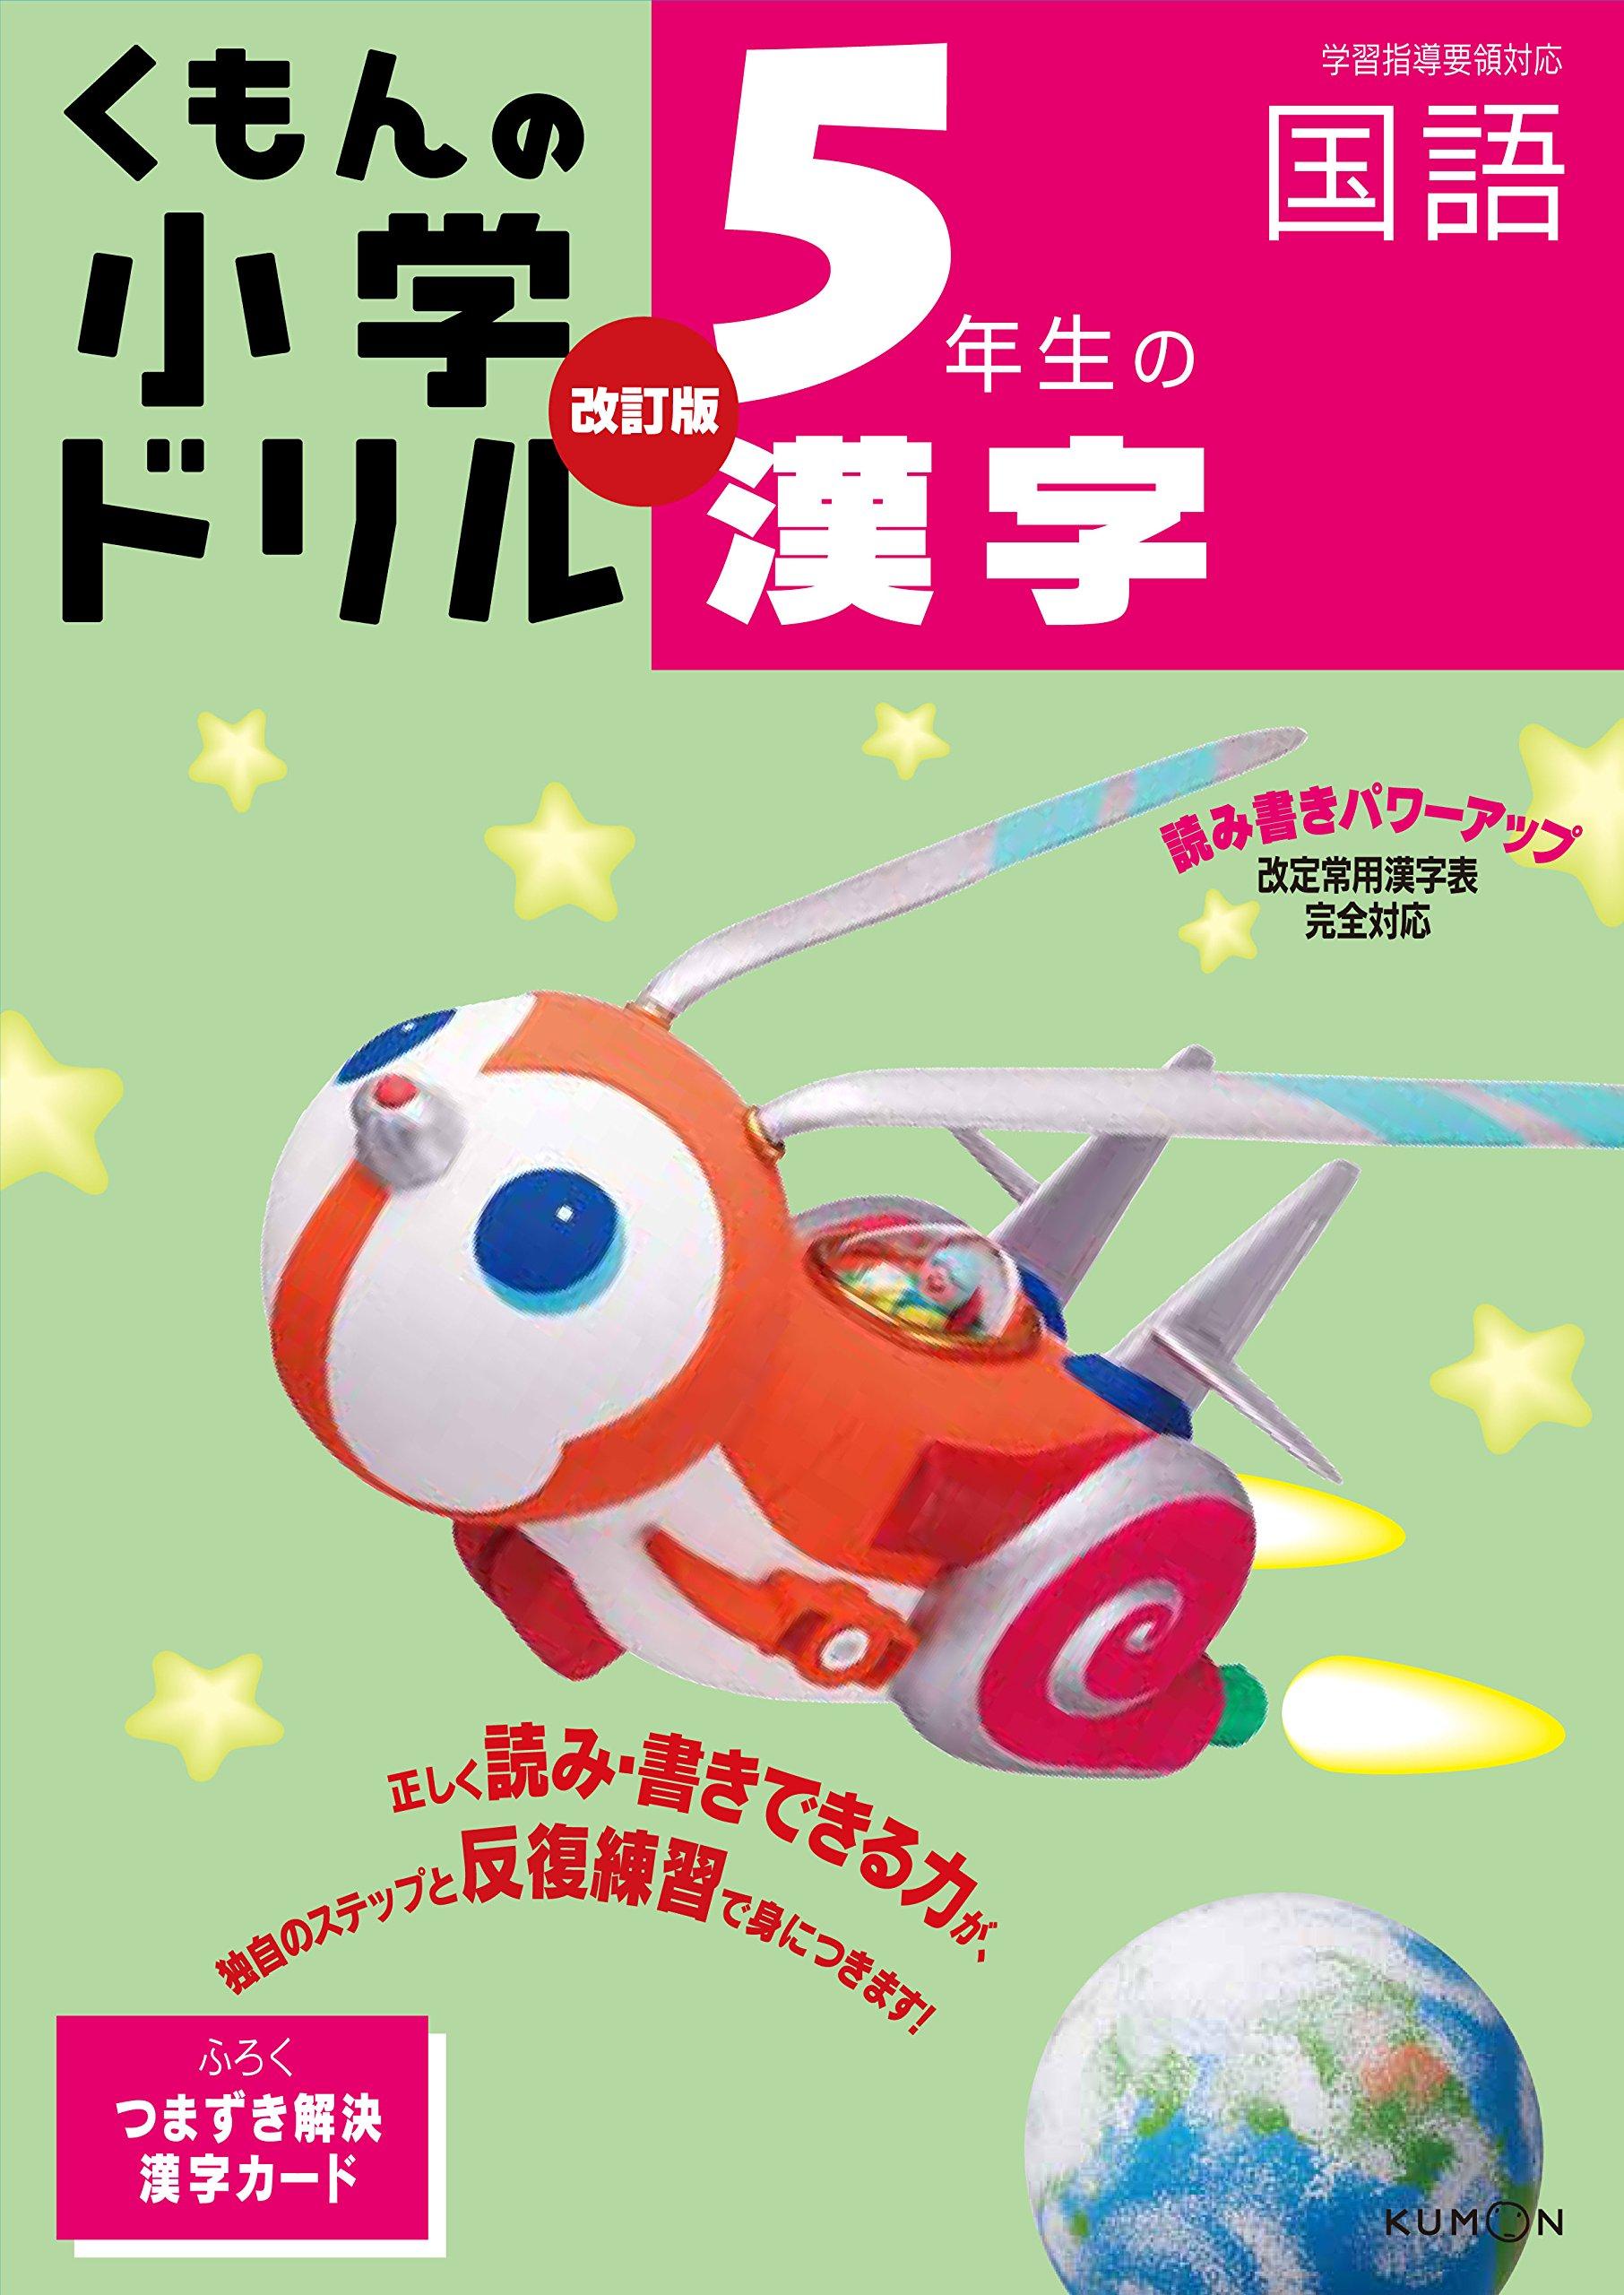 小学ドリル5年生の漢字 くもんの小学ドリル 国語 漢字 5